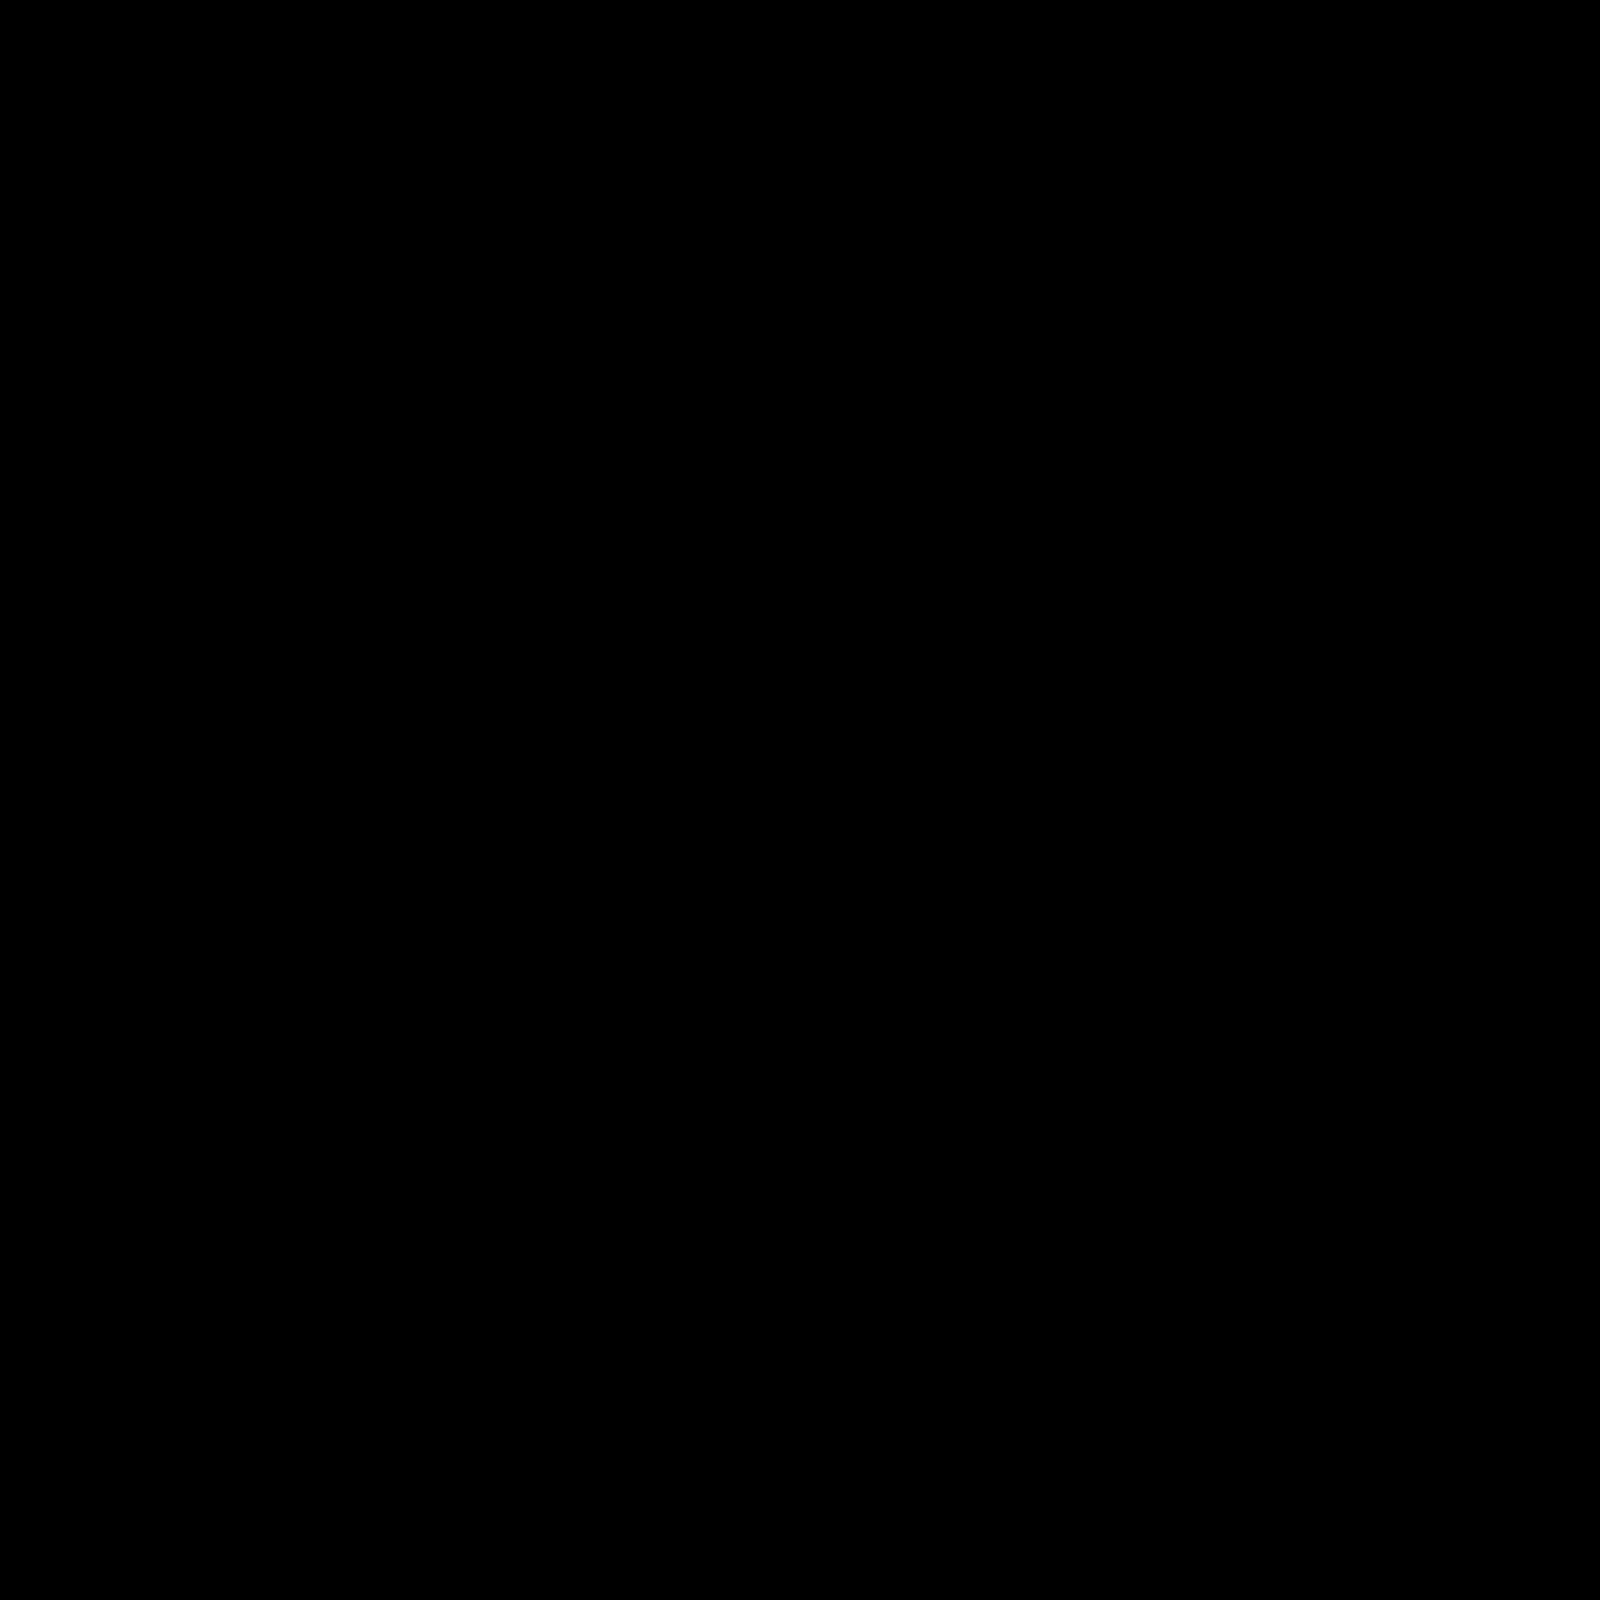 Yuduo's Homepage